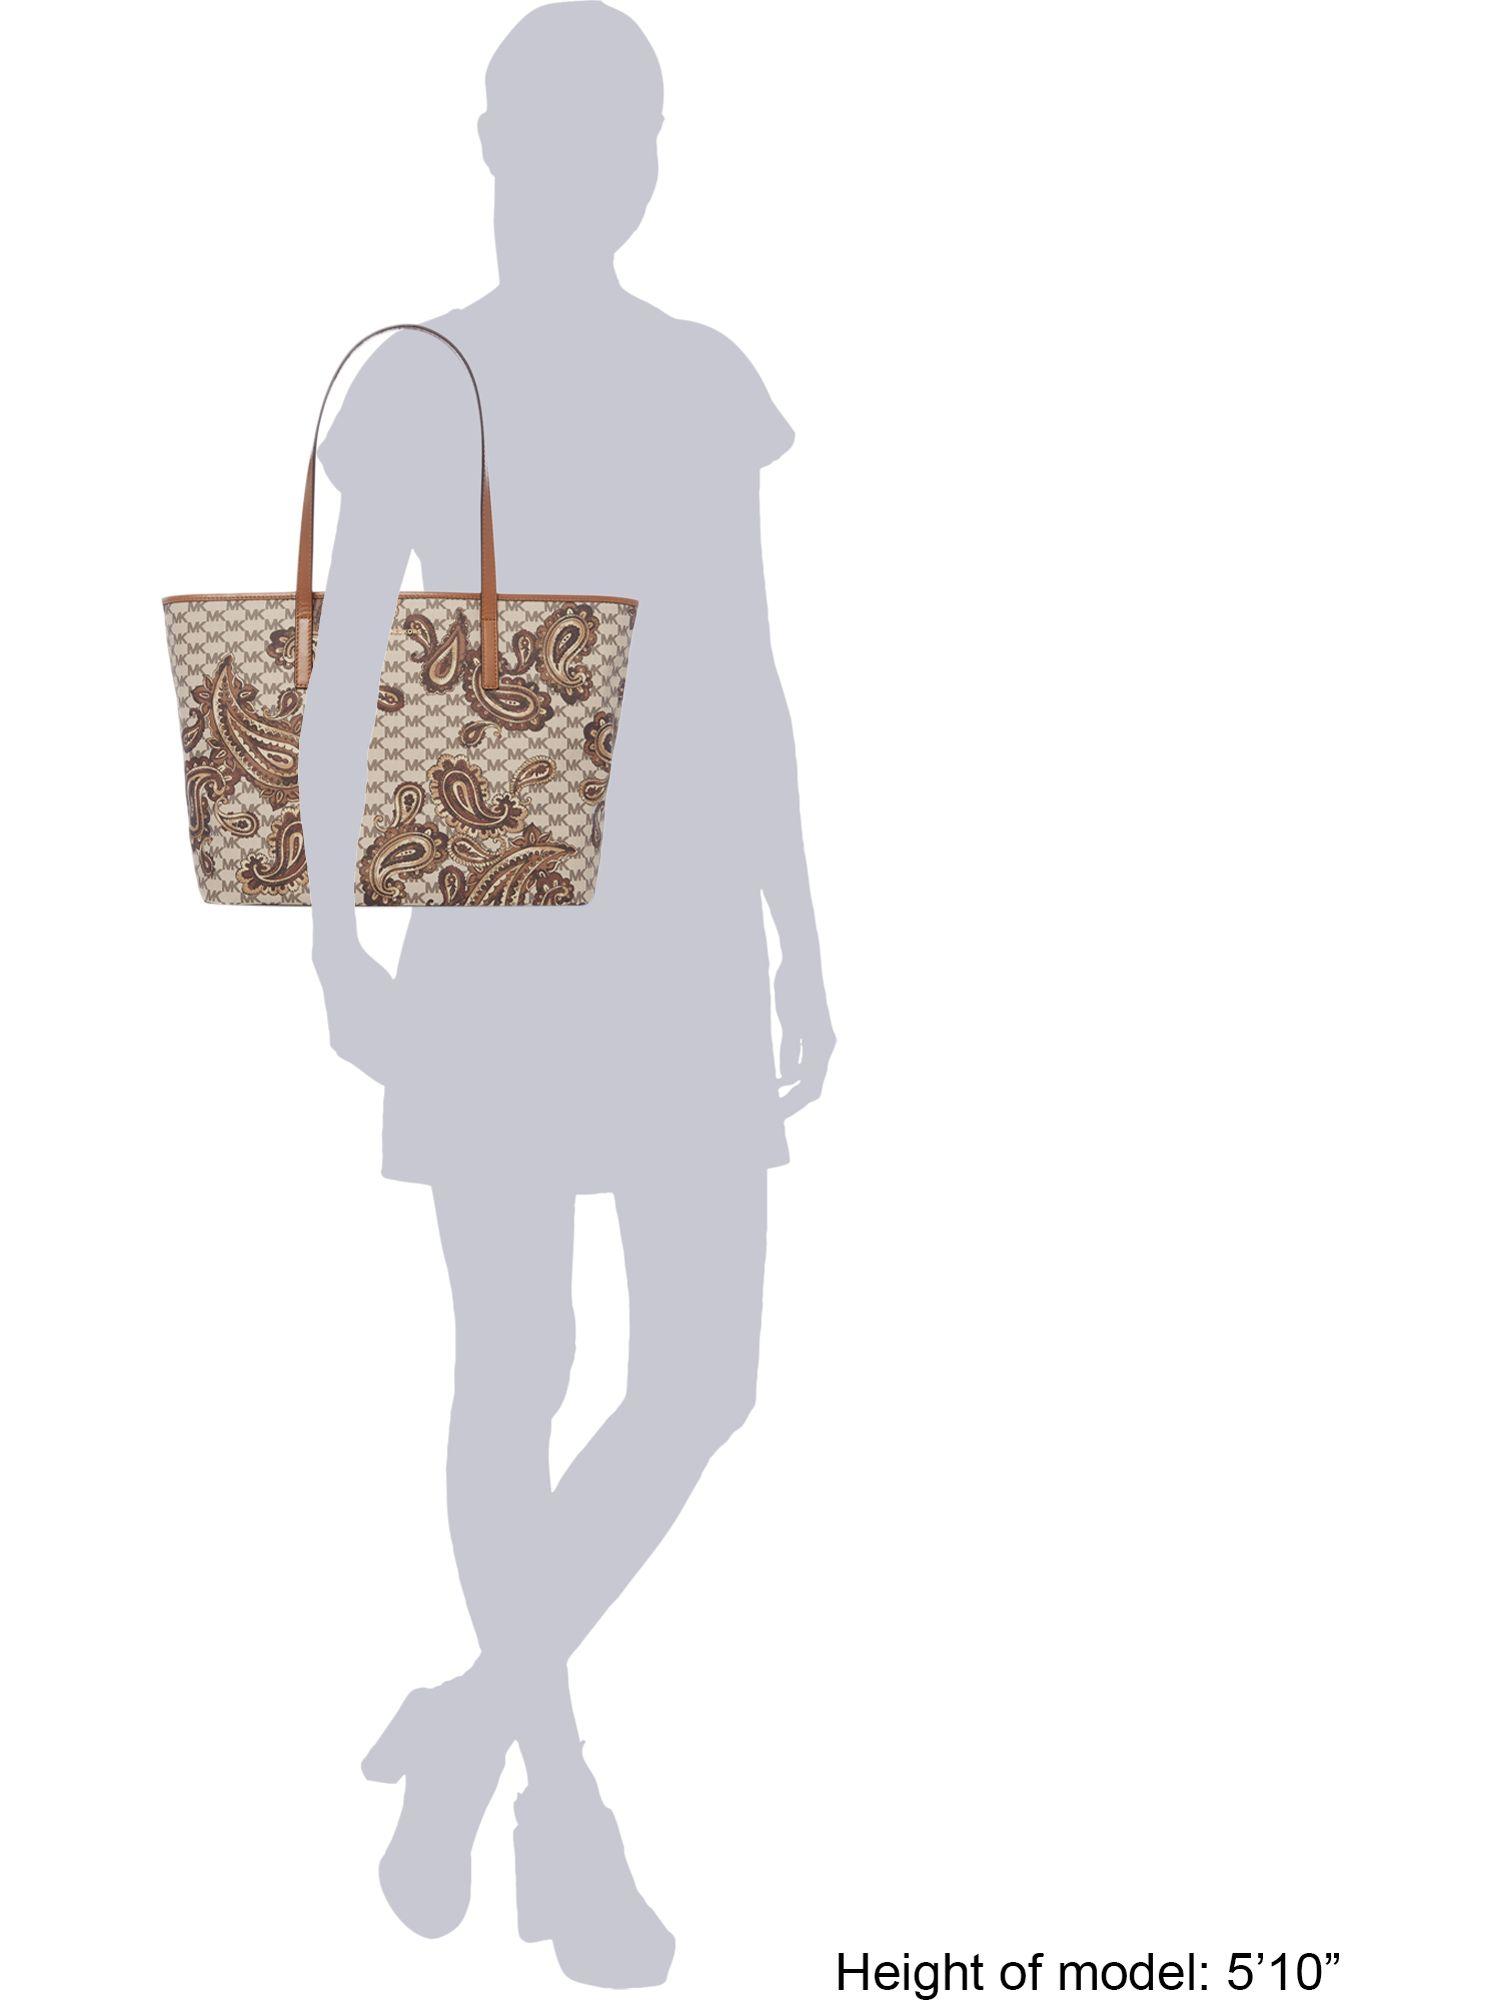 Michael Kors Paisley Tan Large Tote Bag